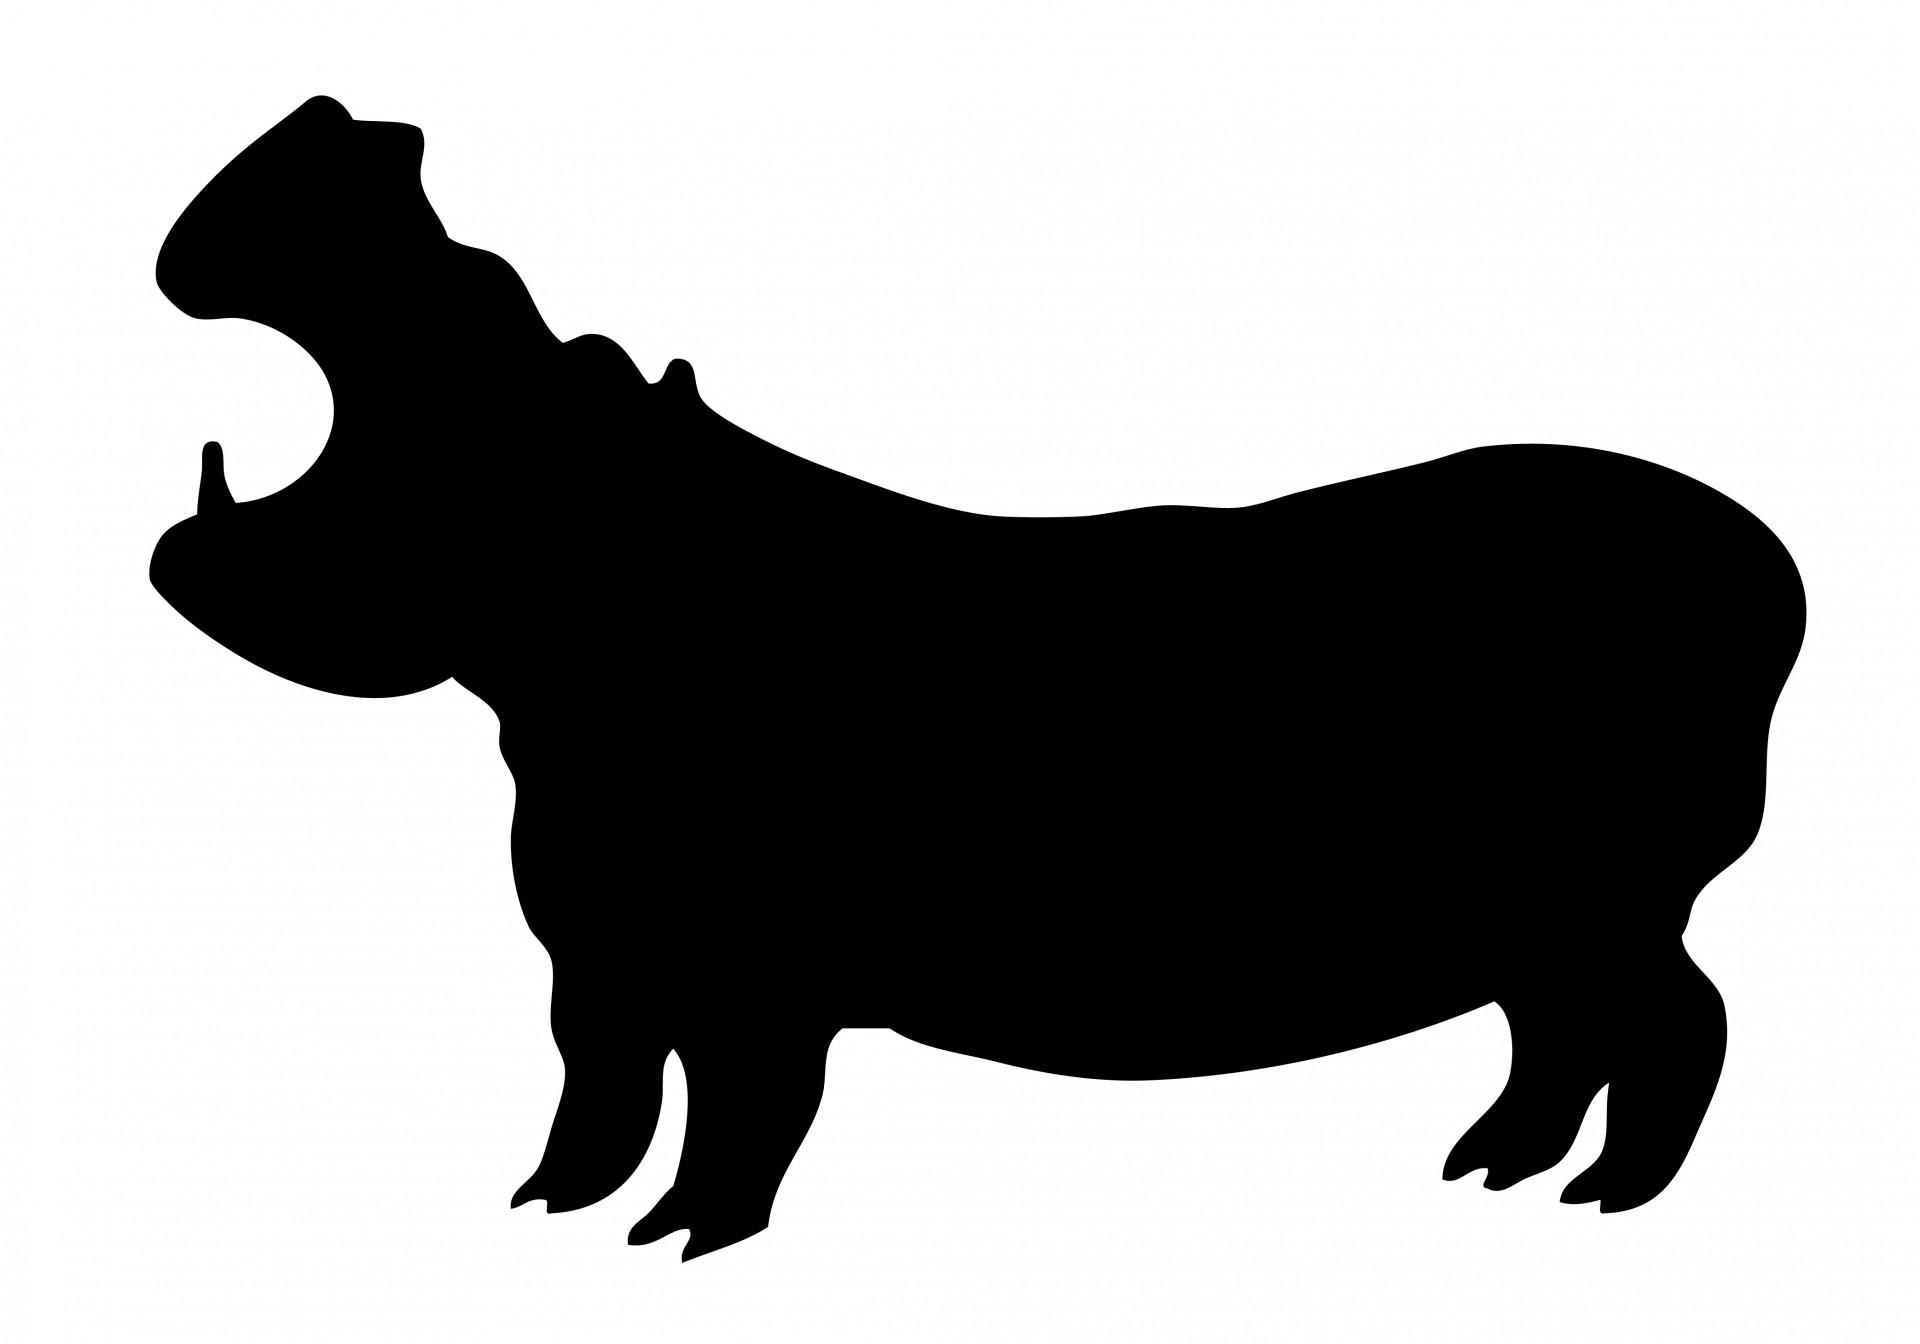 1920x1344 Hippopotamus Silhouette Clipart Free Stock Photo